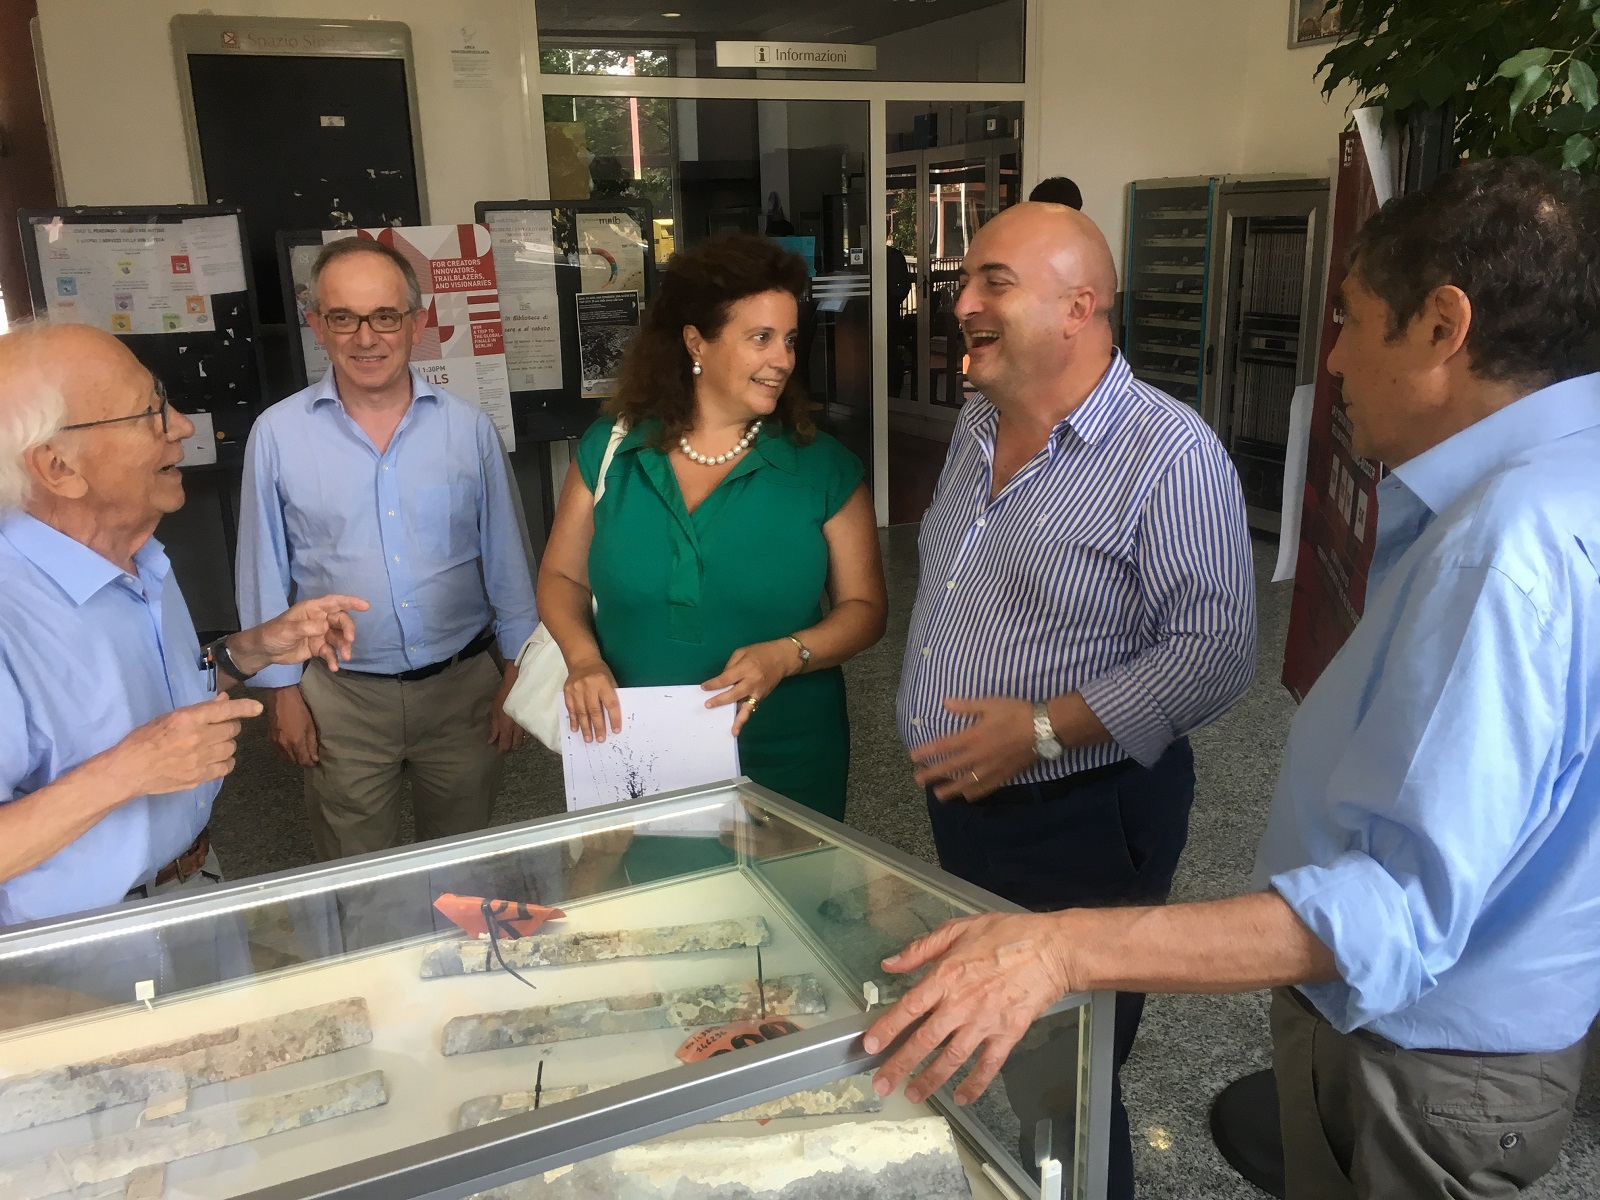 Ettore Fiorini, Giuseppe Gorini, Giovanna Iannantuoni, Marco Paganoni e Daniele Pedrini all'ingresso del Dipartimento di Fisica